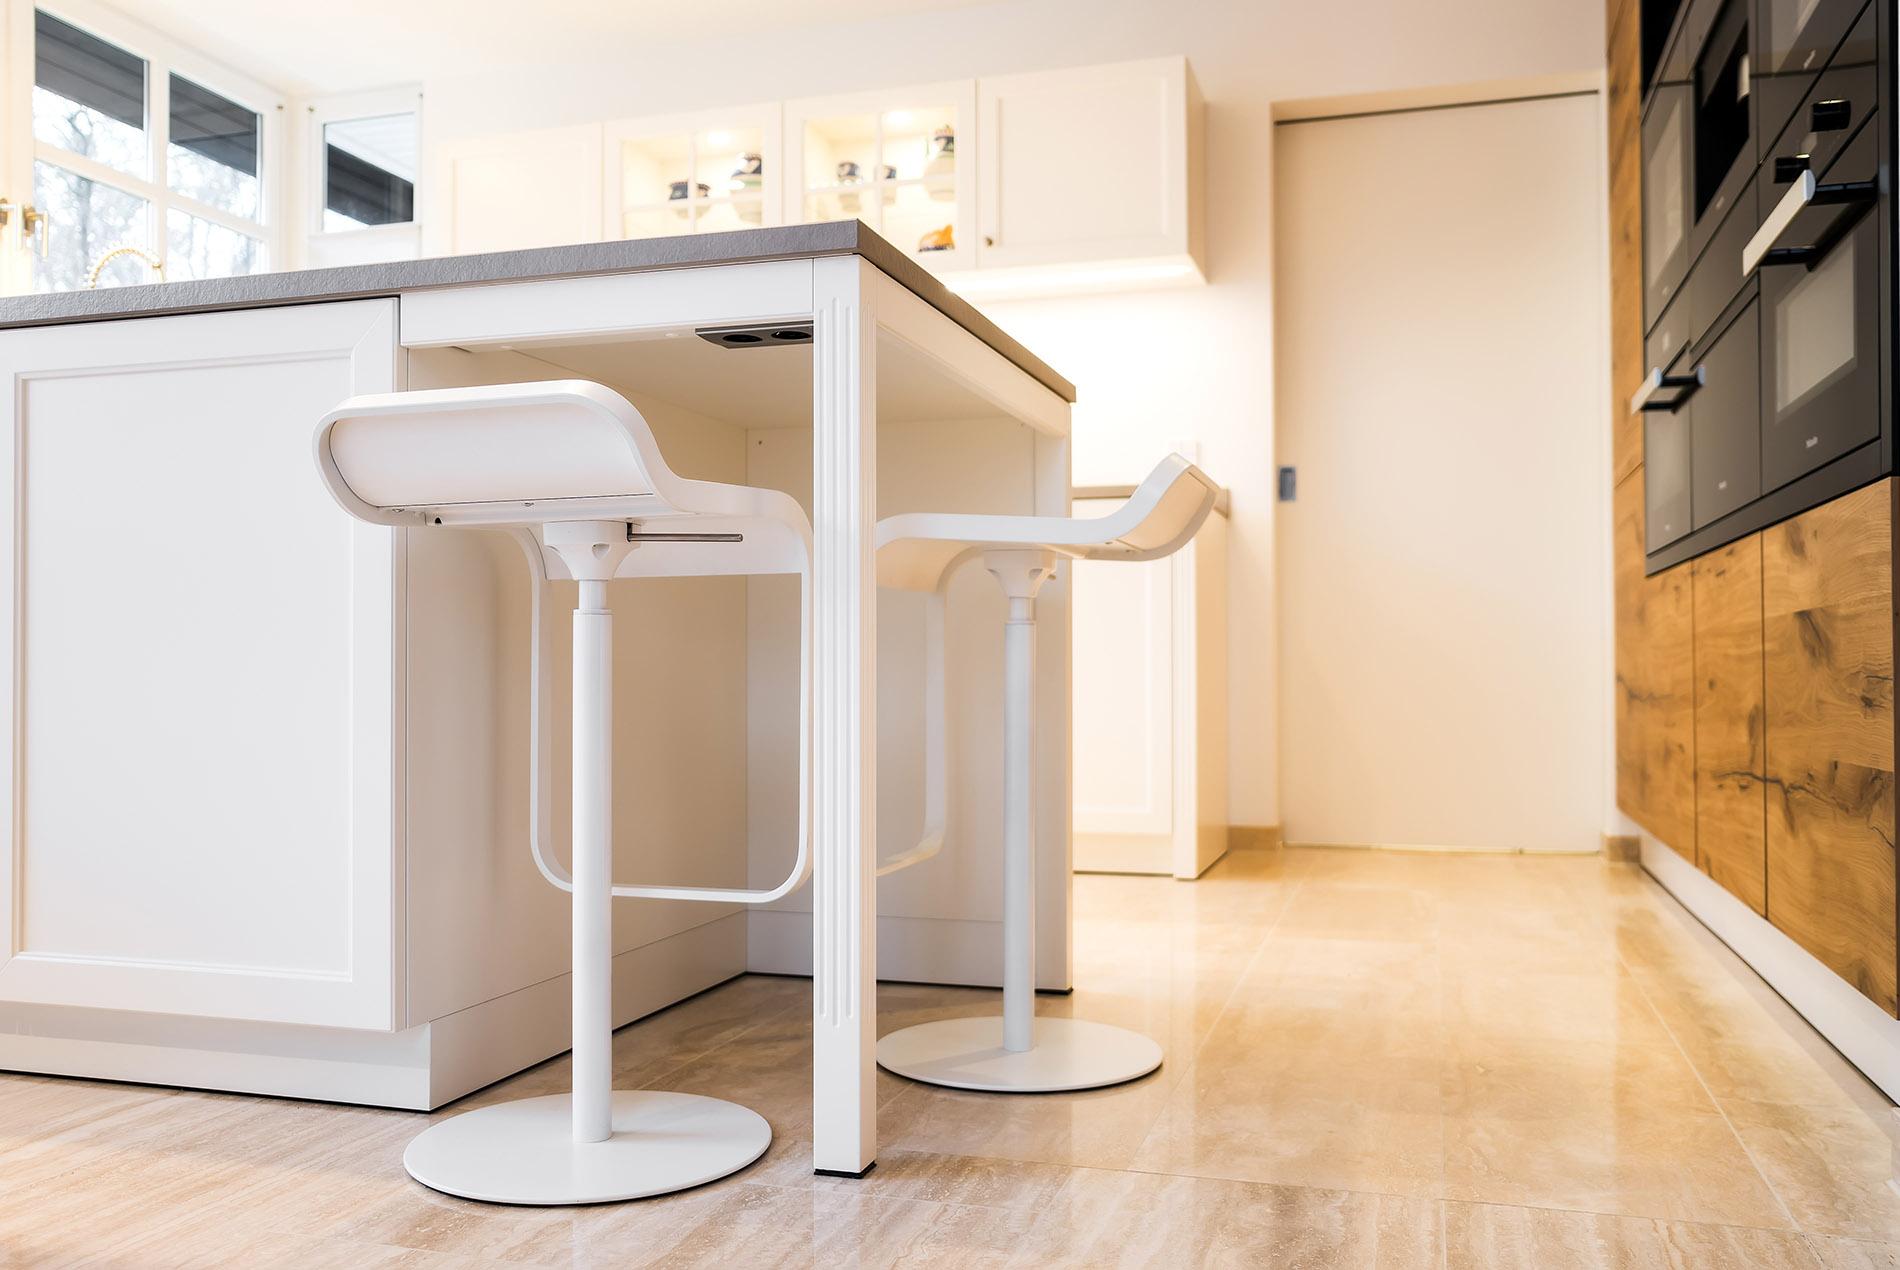 Moderne Landhauskuche Renovierung Einer Kuche Raumfabrik Munster